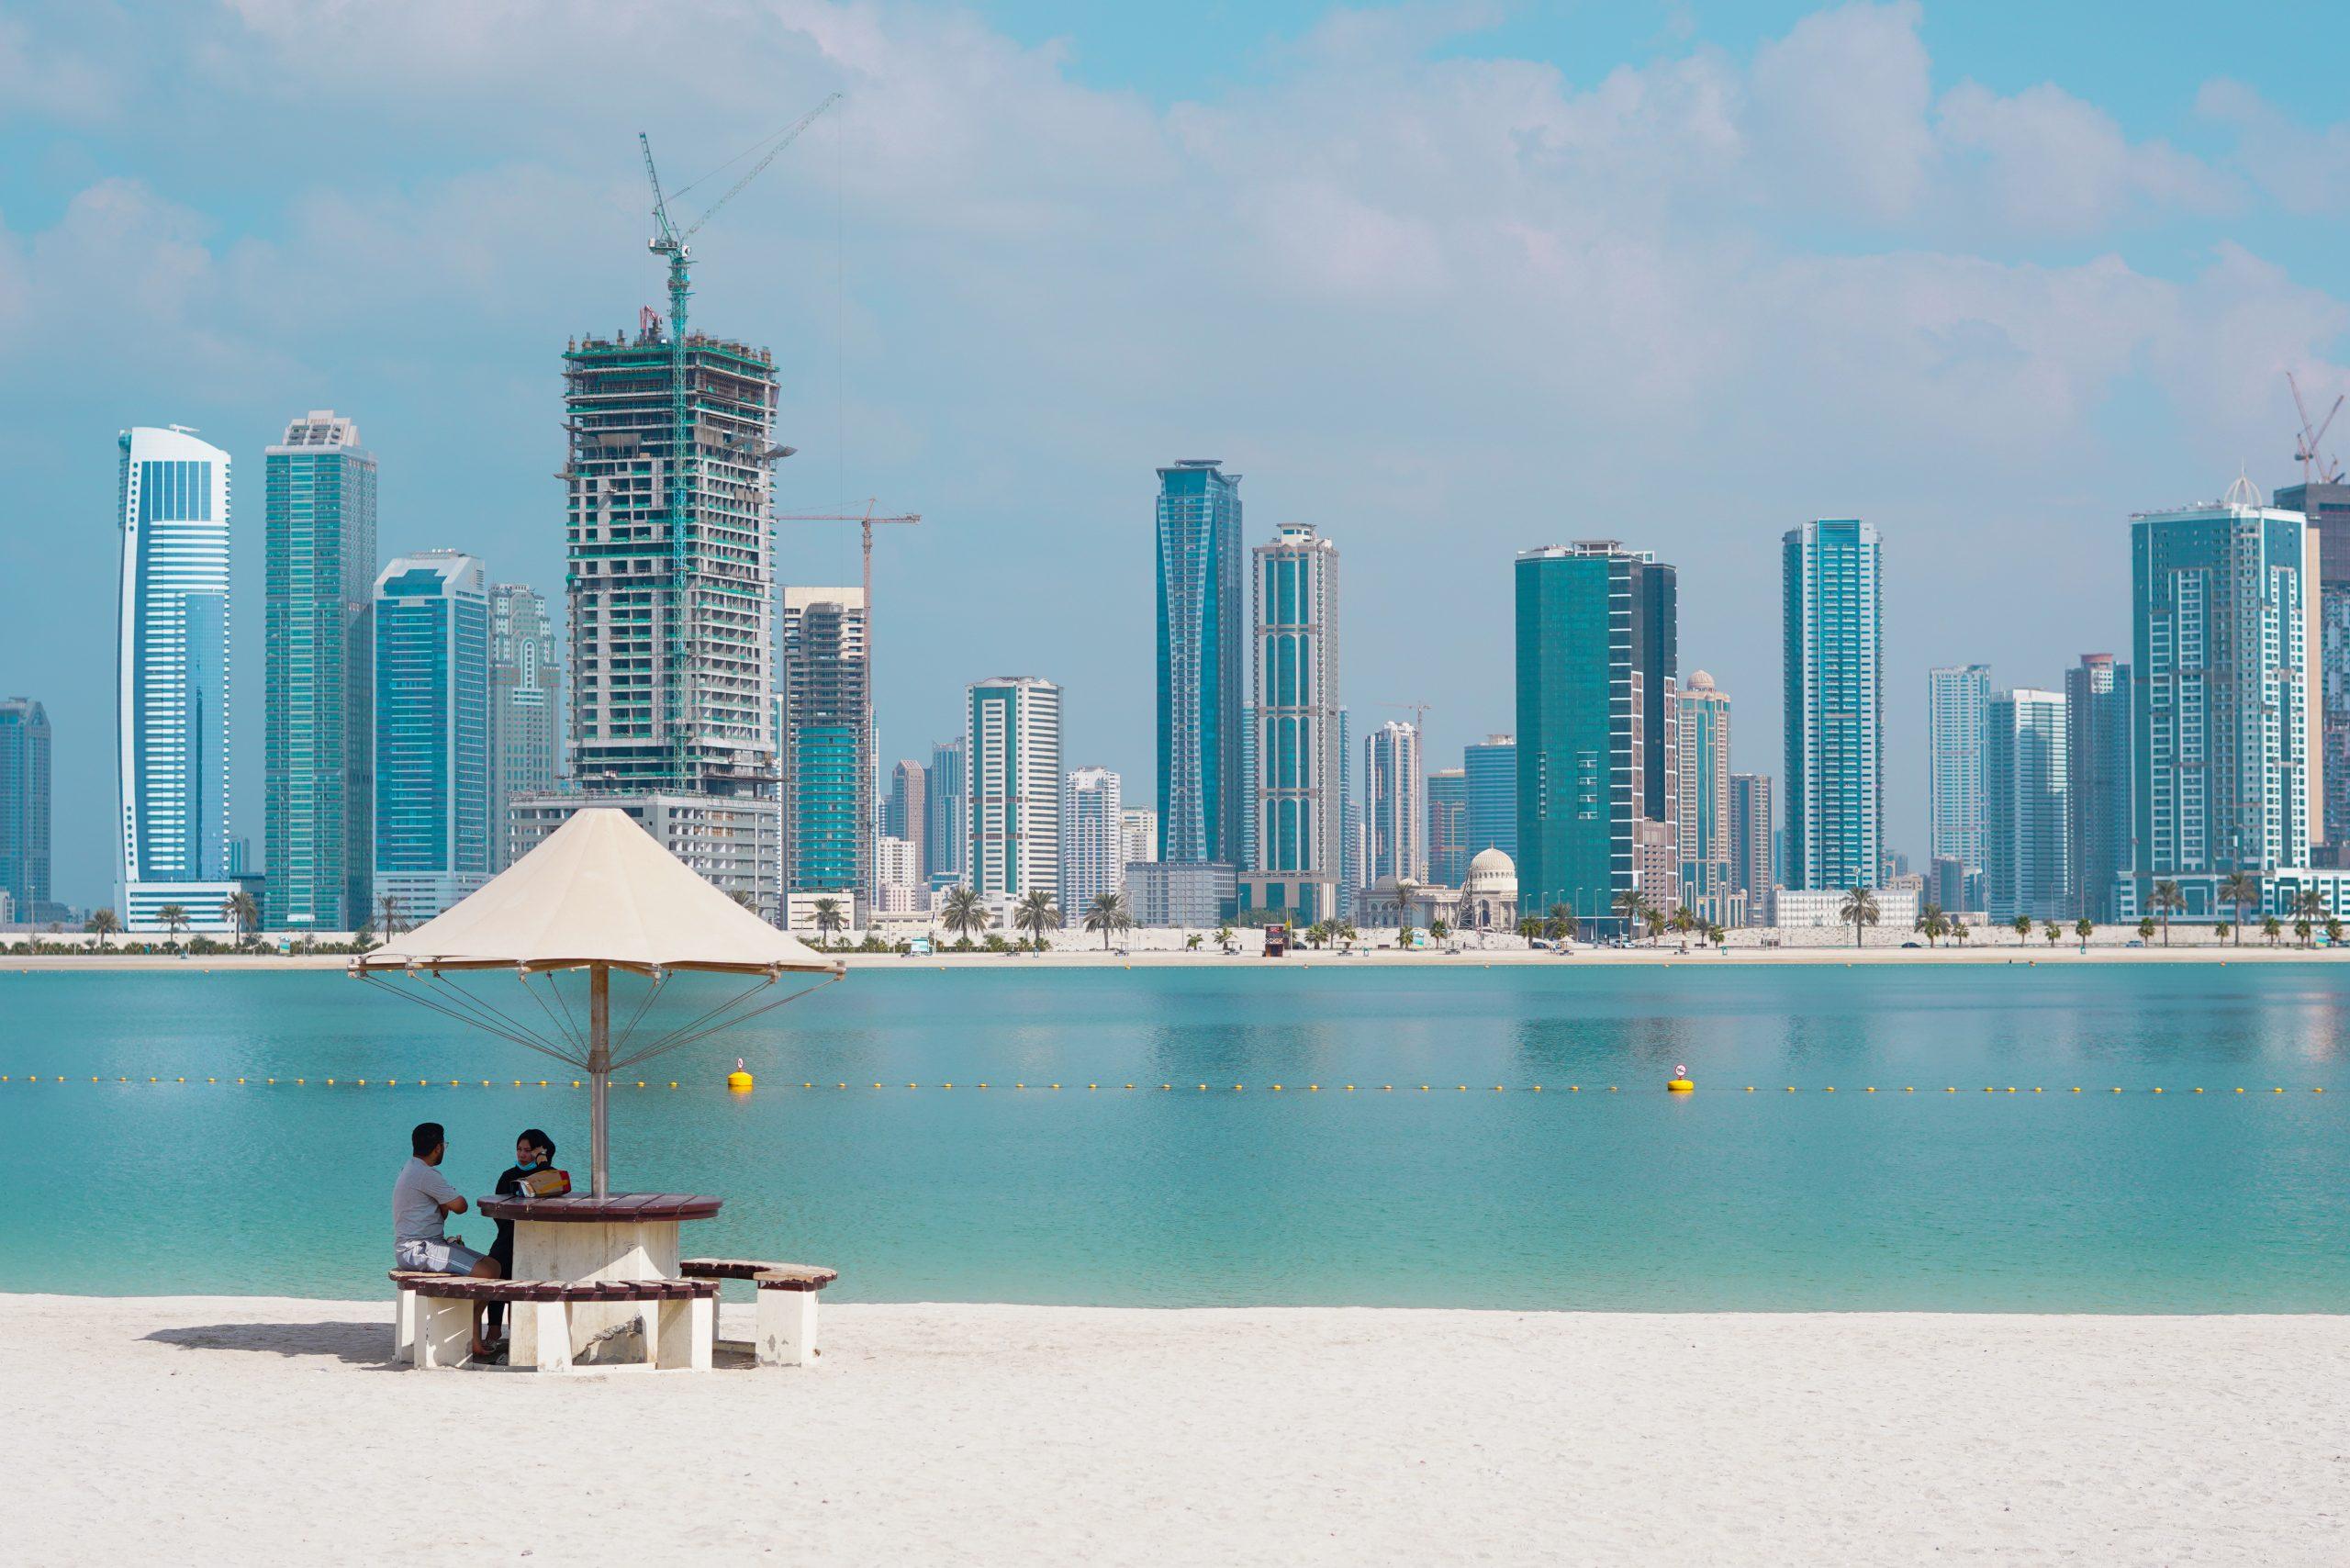 Dubai architecture and beach